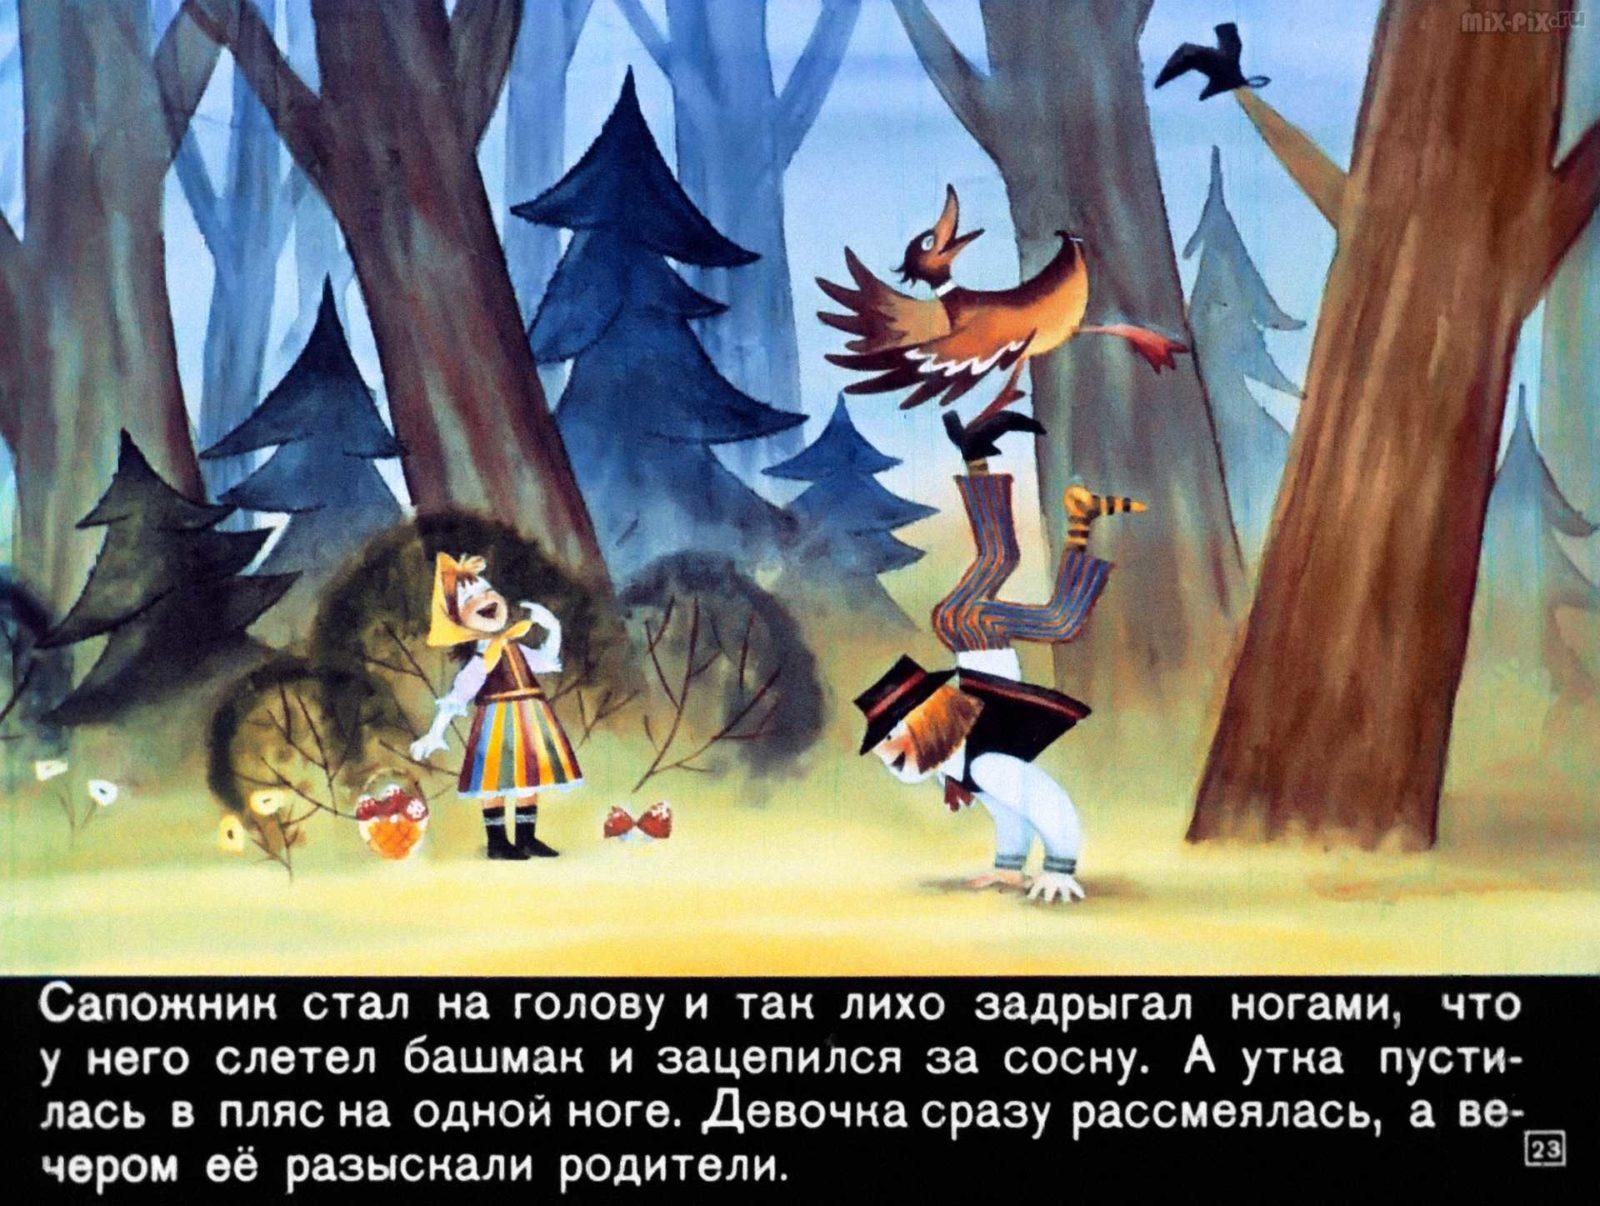 Сапожник Копытко и утка Кря (1972) 33